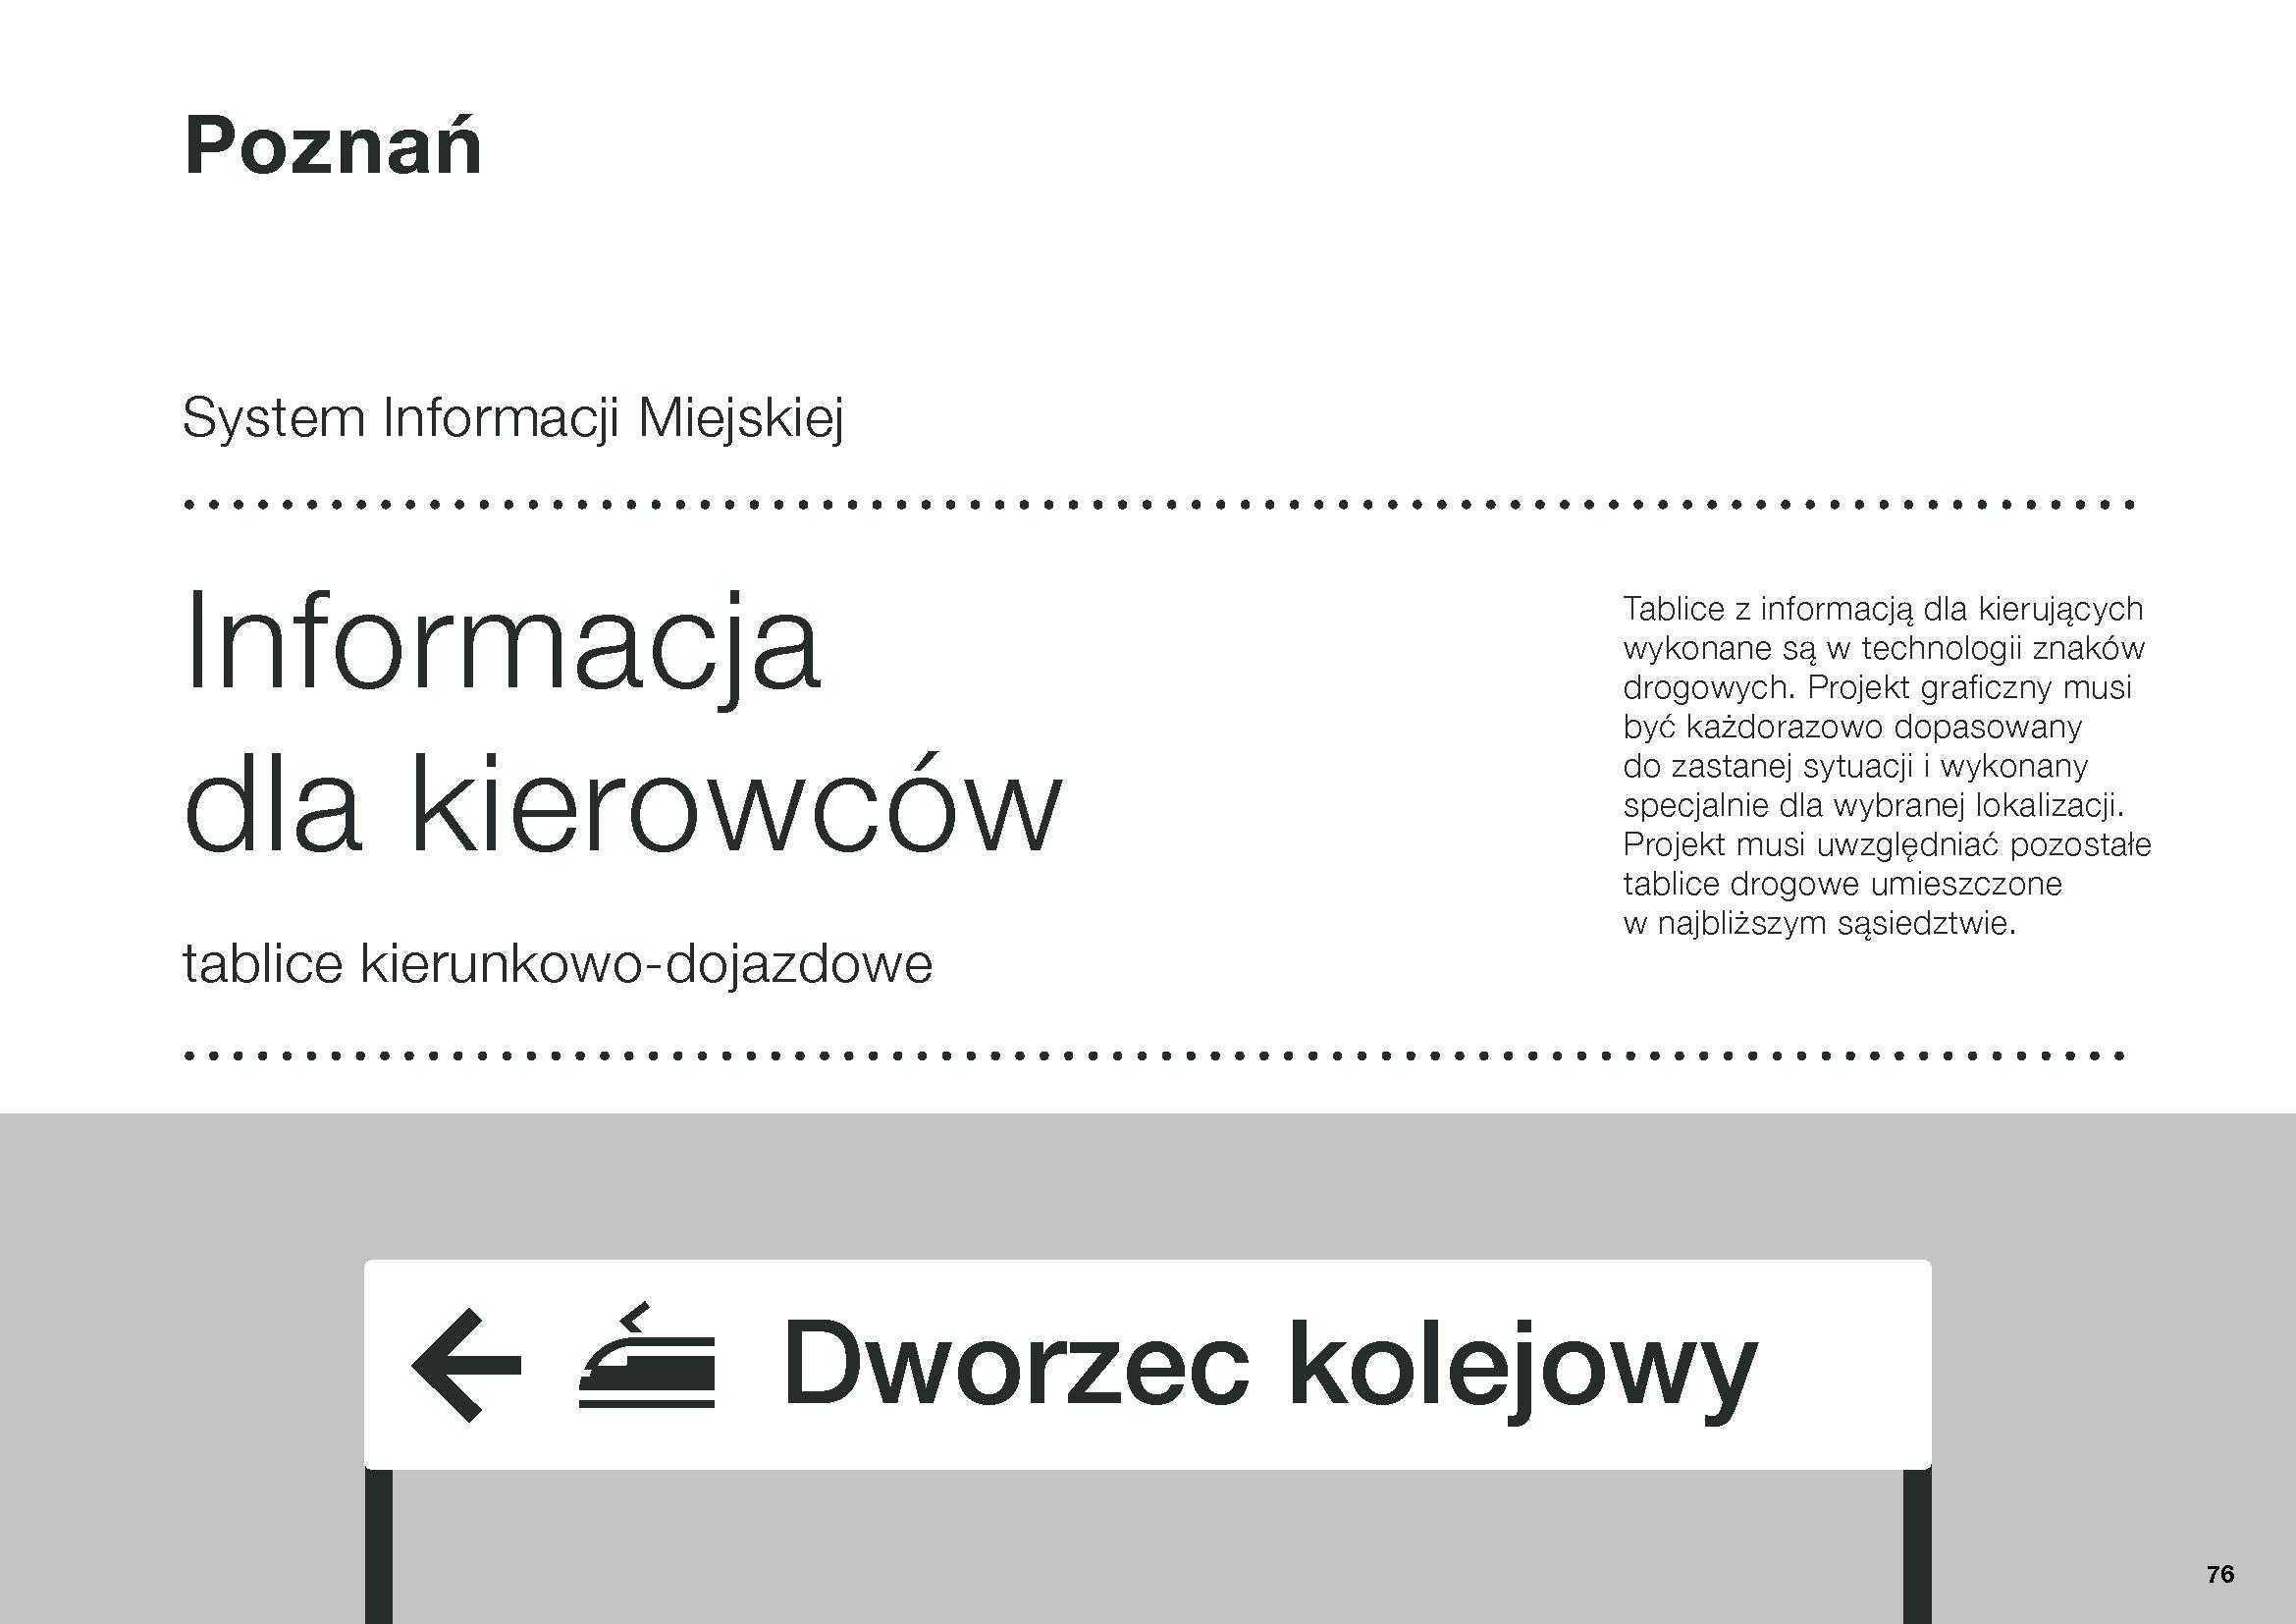 Poznań System Informacji Miejskiej (1)  Foto: